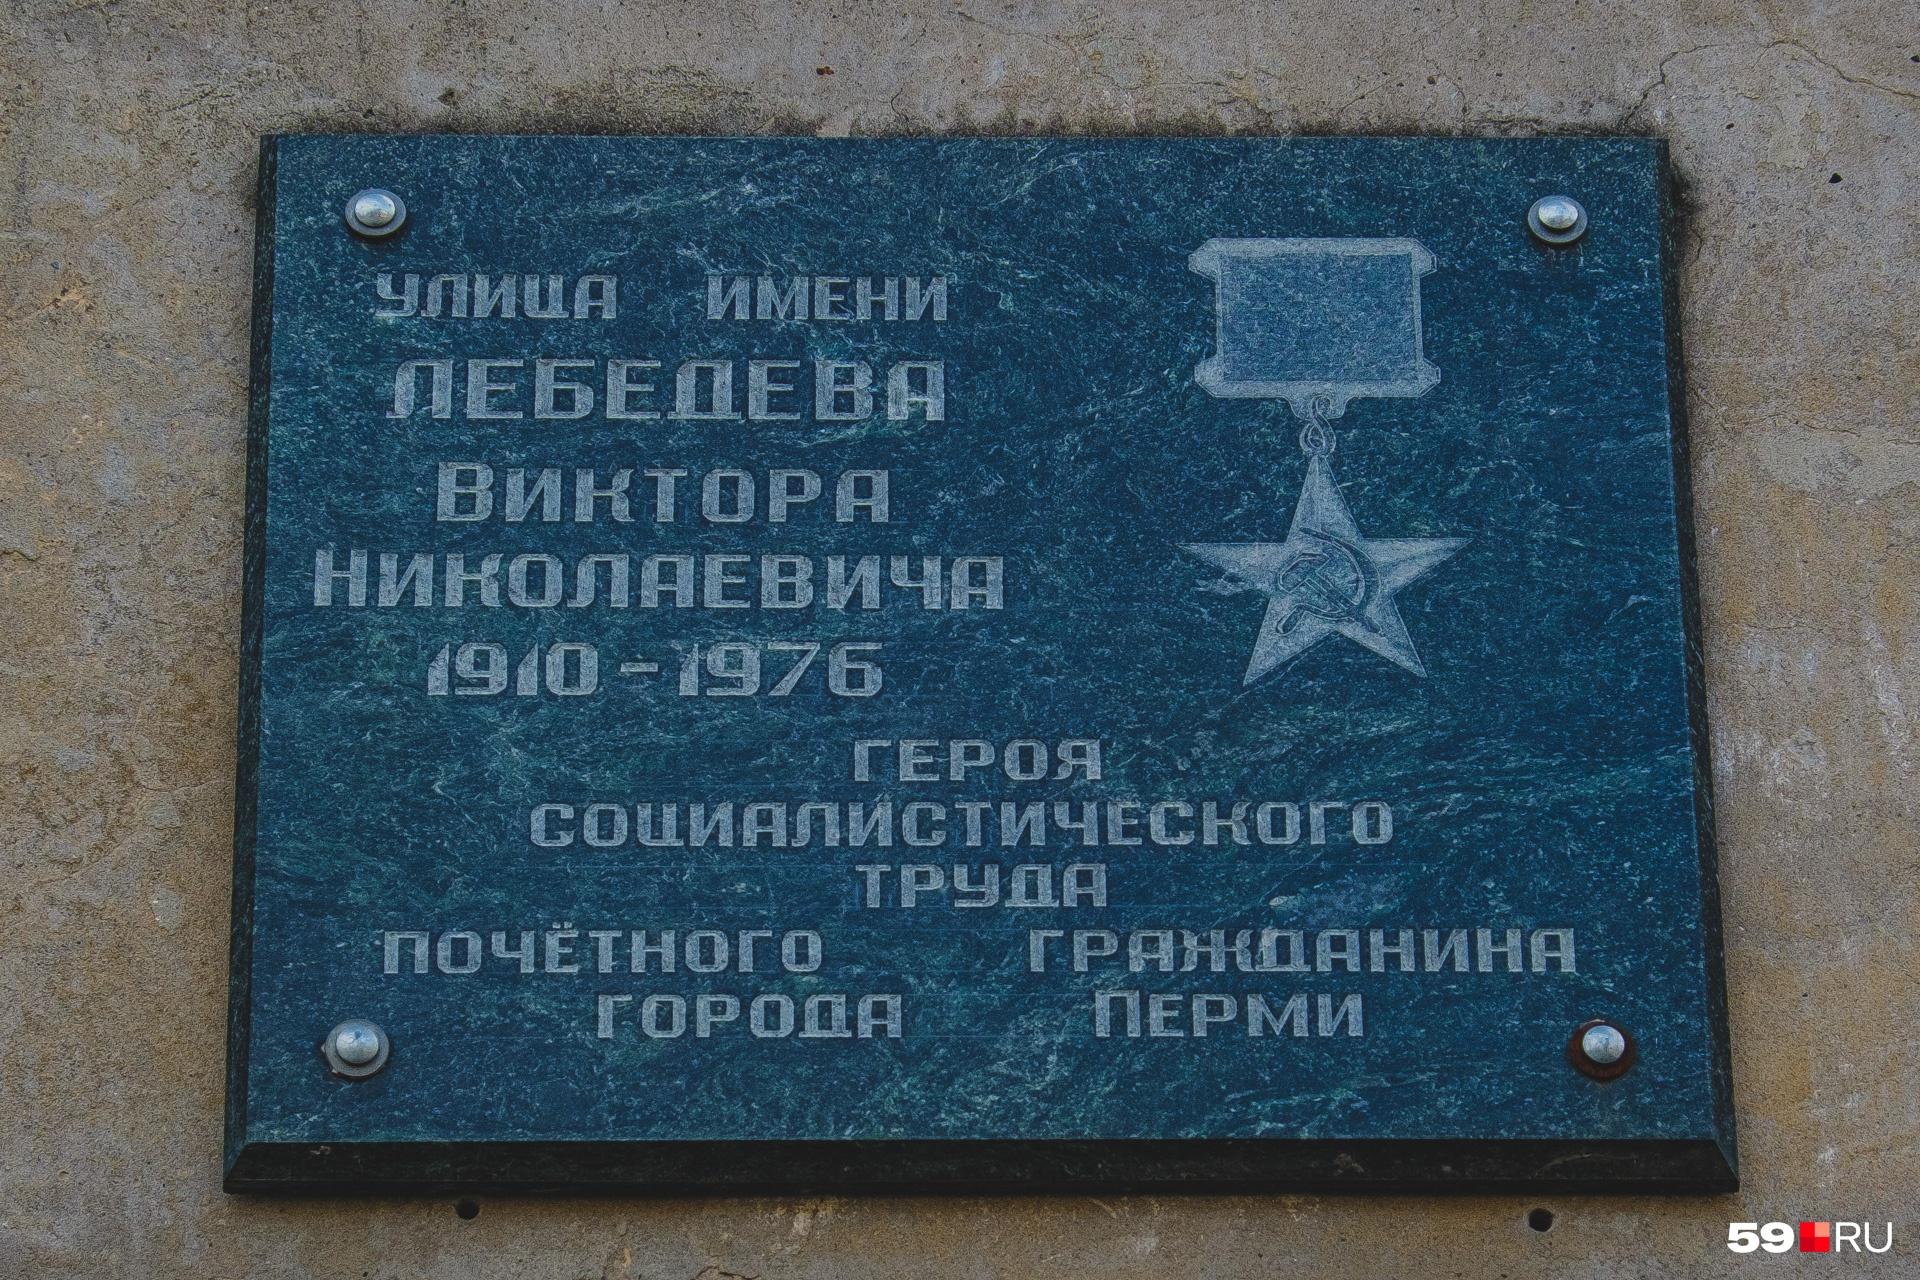 Улица названа именем Виктора Лебедева, руководившего Мотовилихинским заводом в его «золотую» эпоху